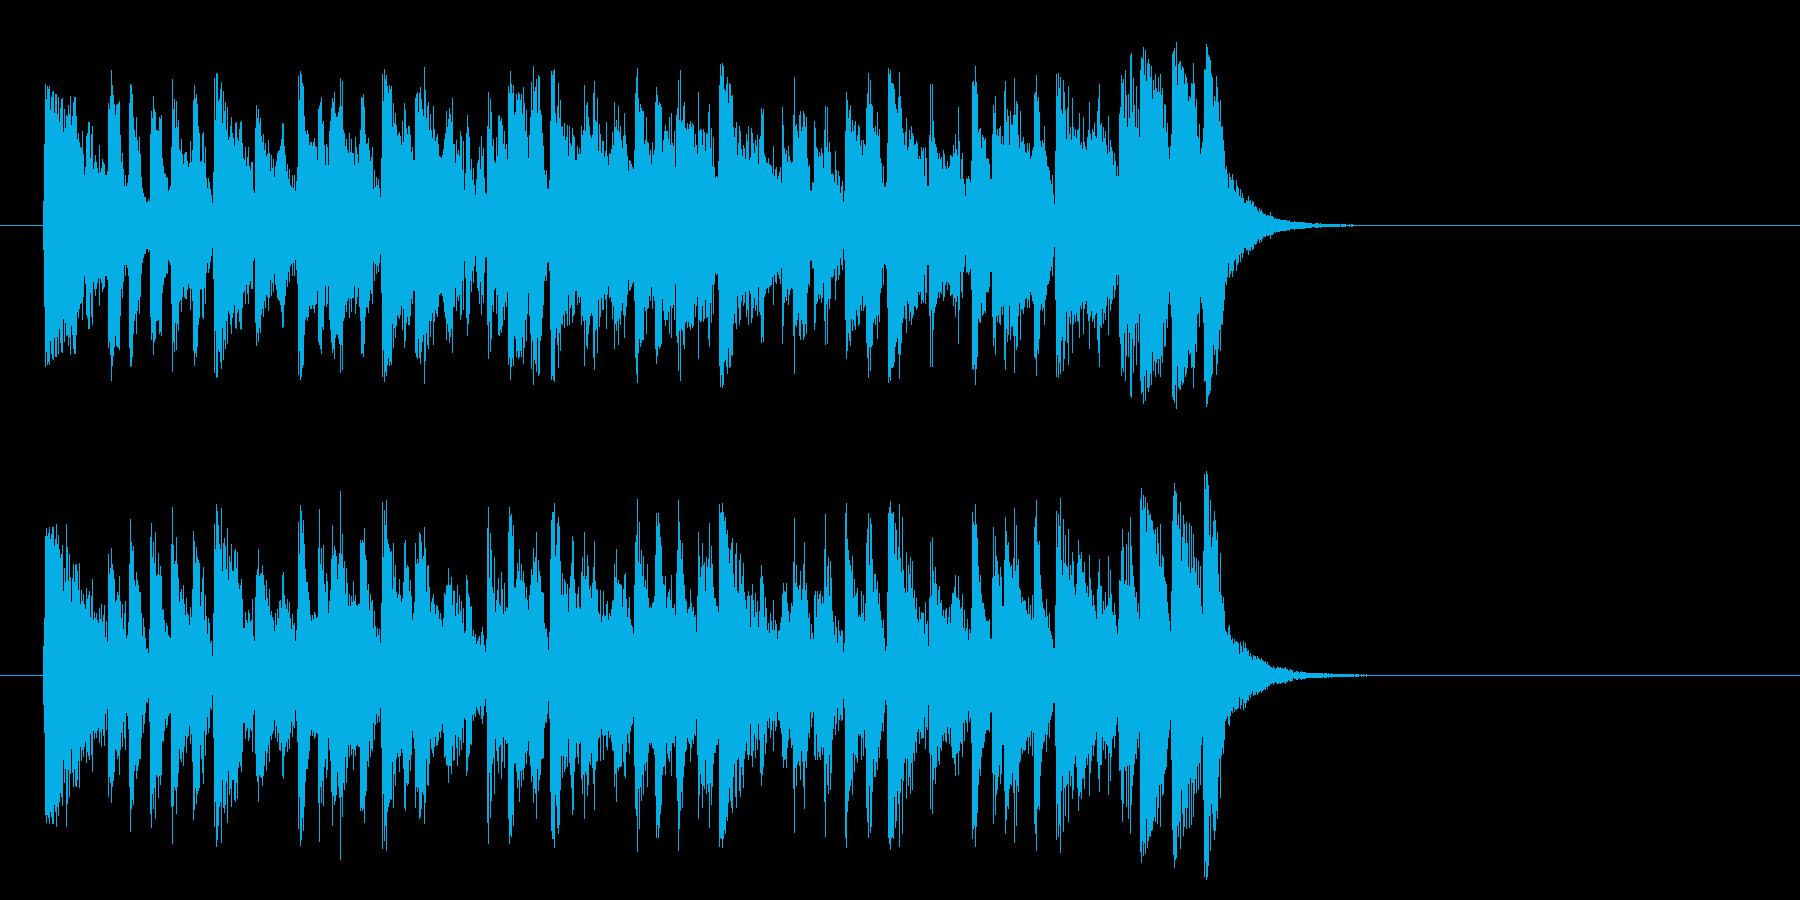 夏のフュージョンポップ(サビ)の再生済みの波形